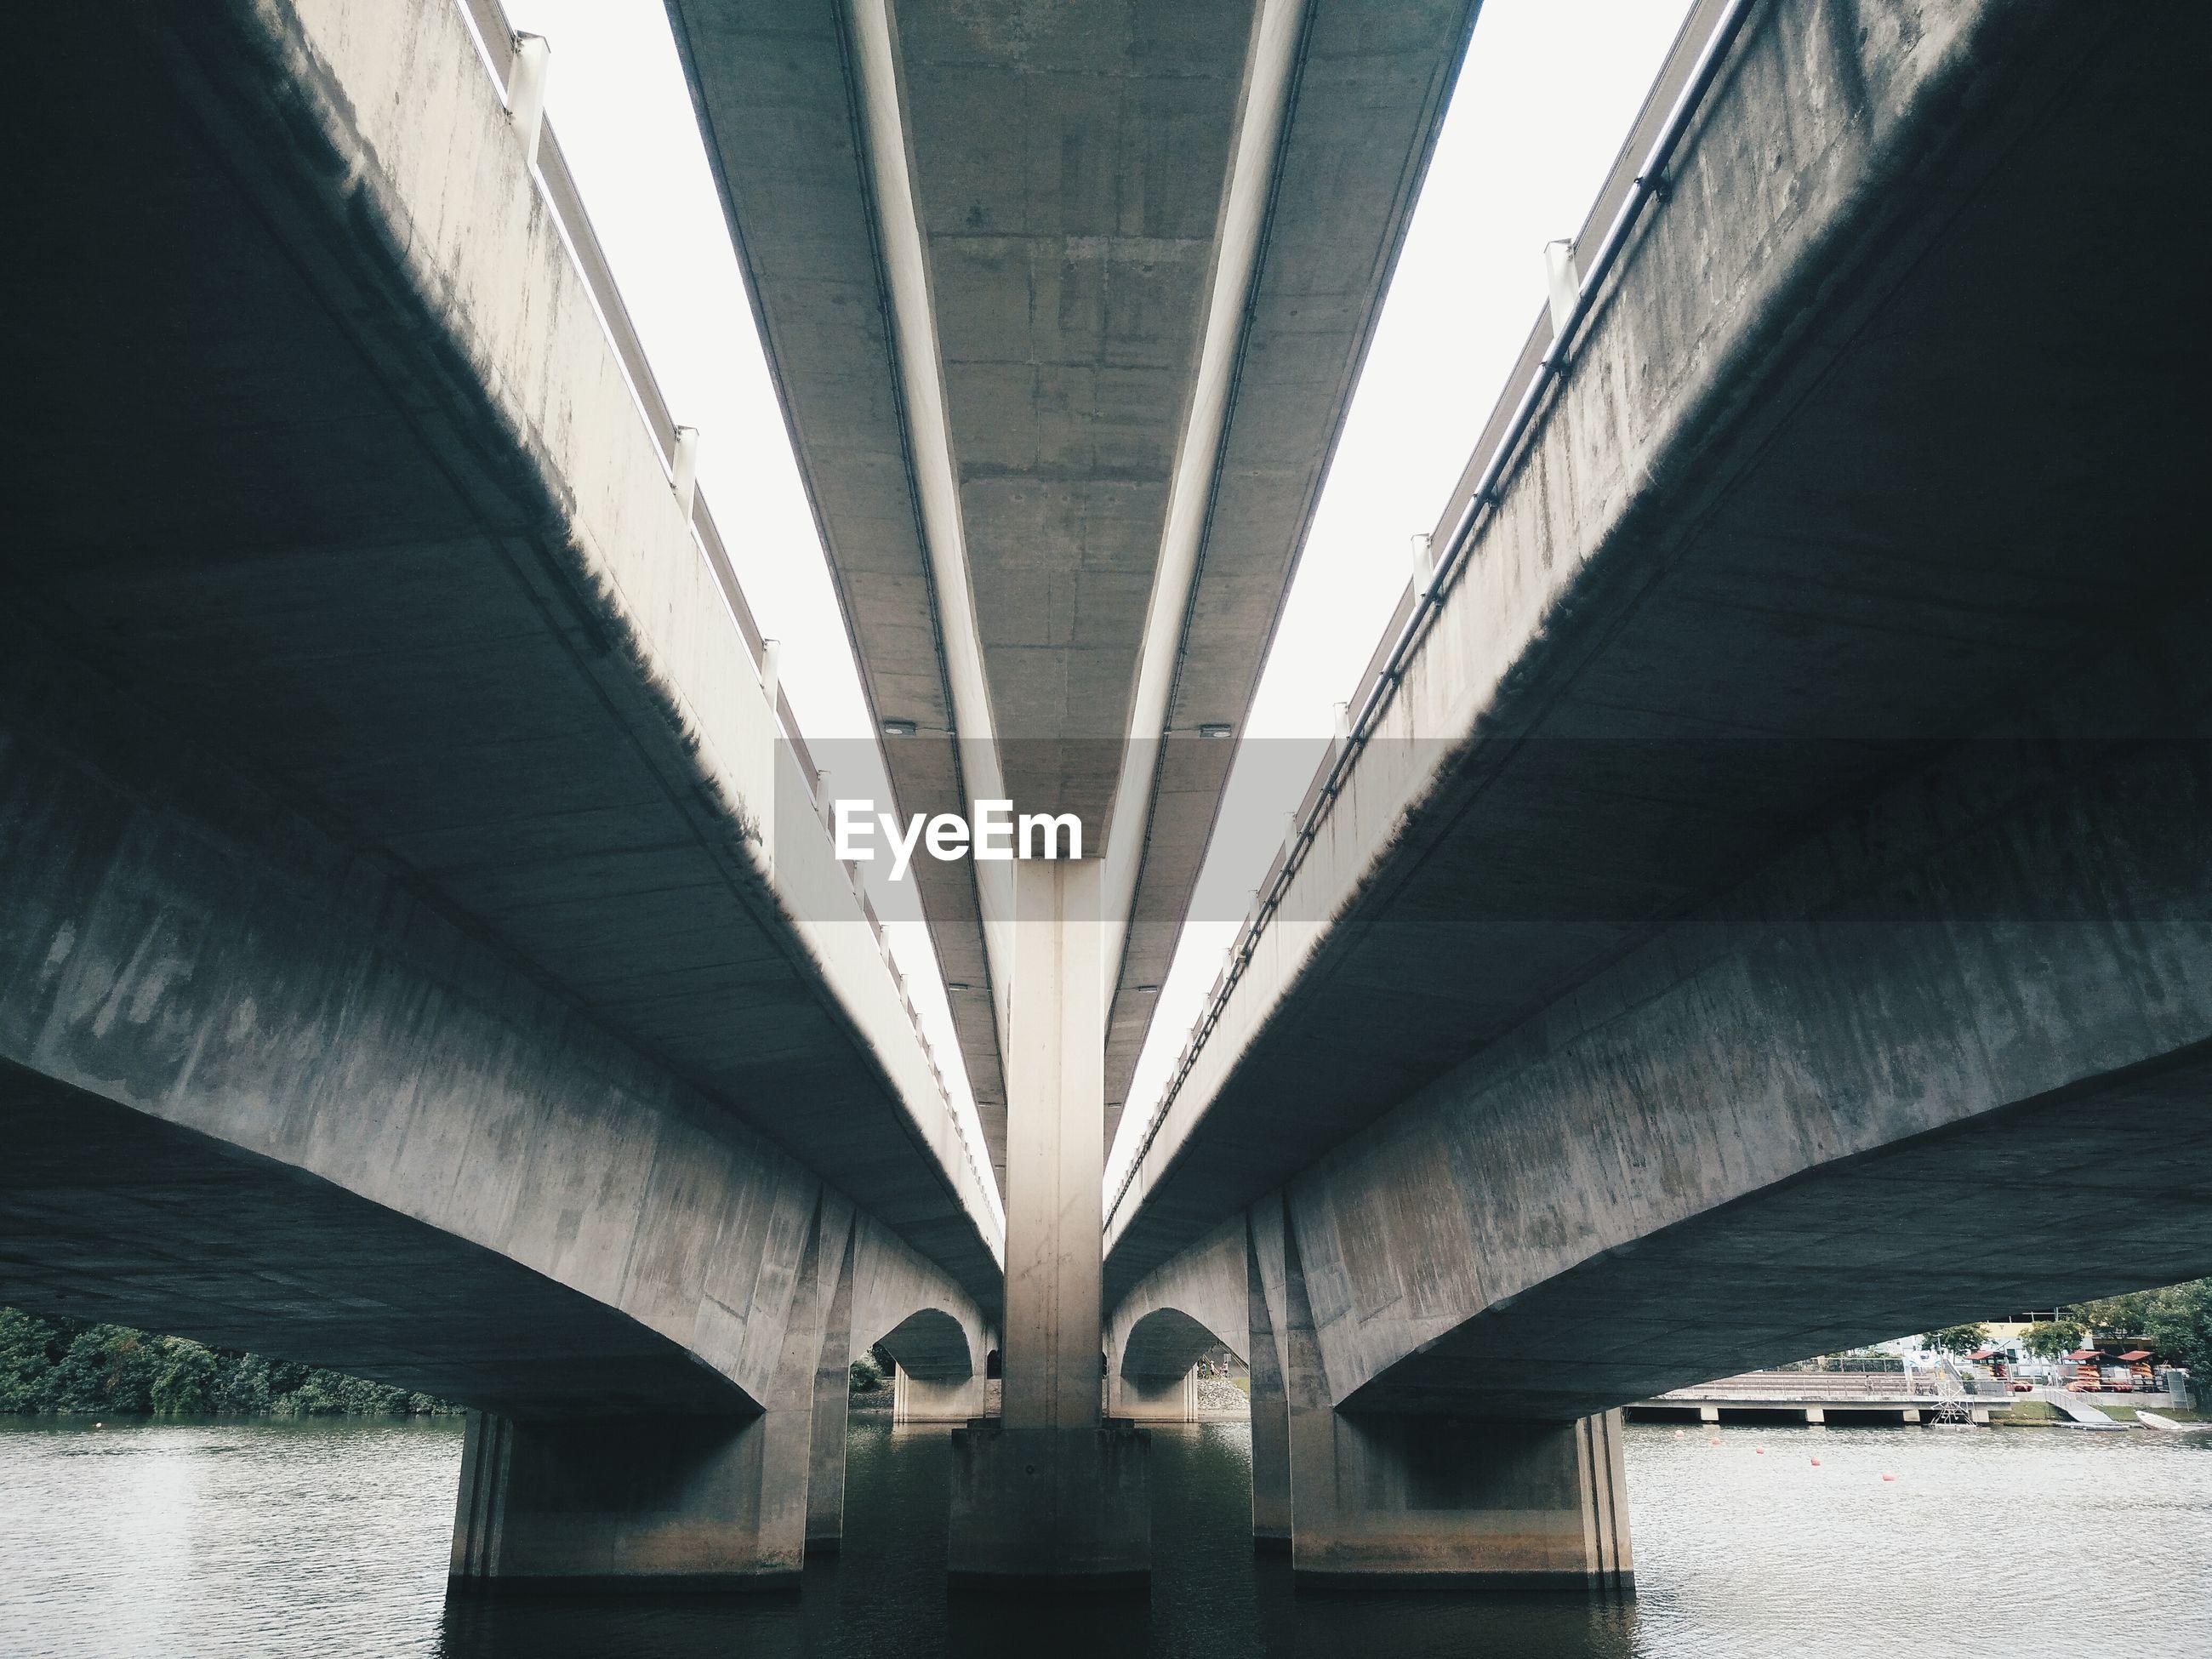 Below view of bridge over river